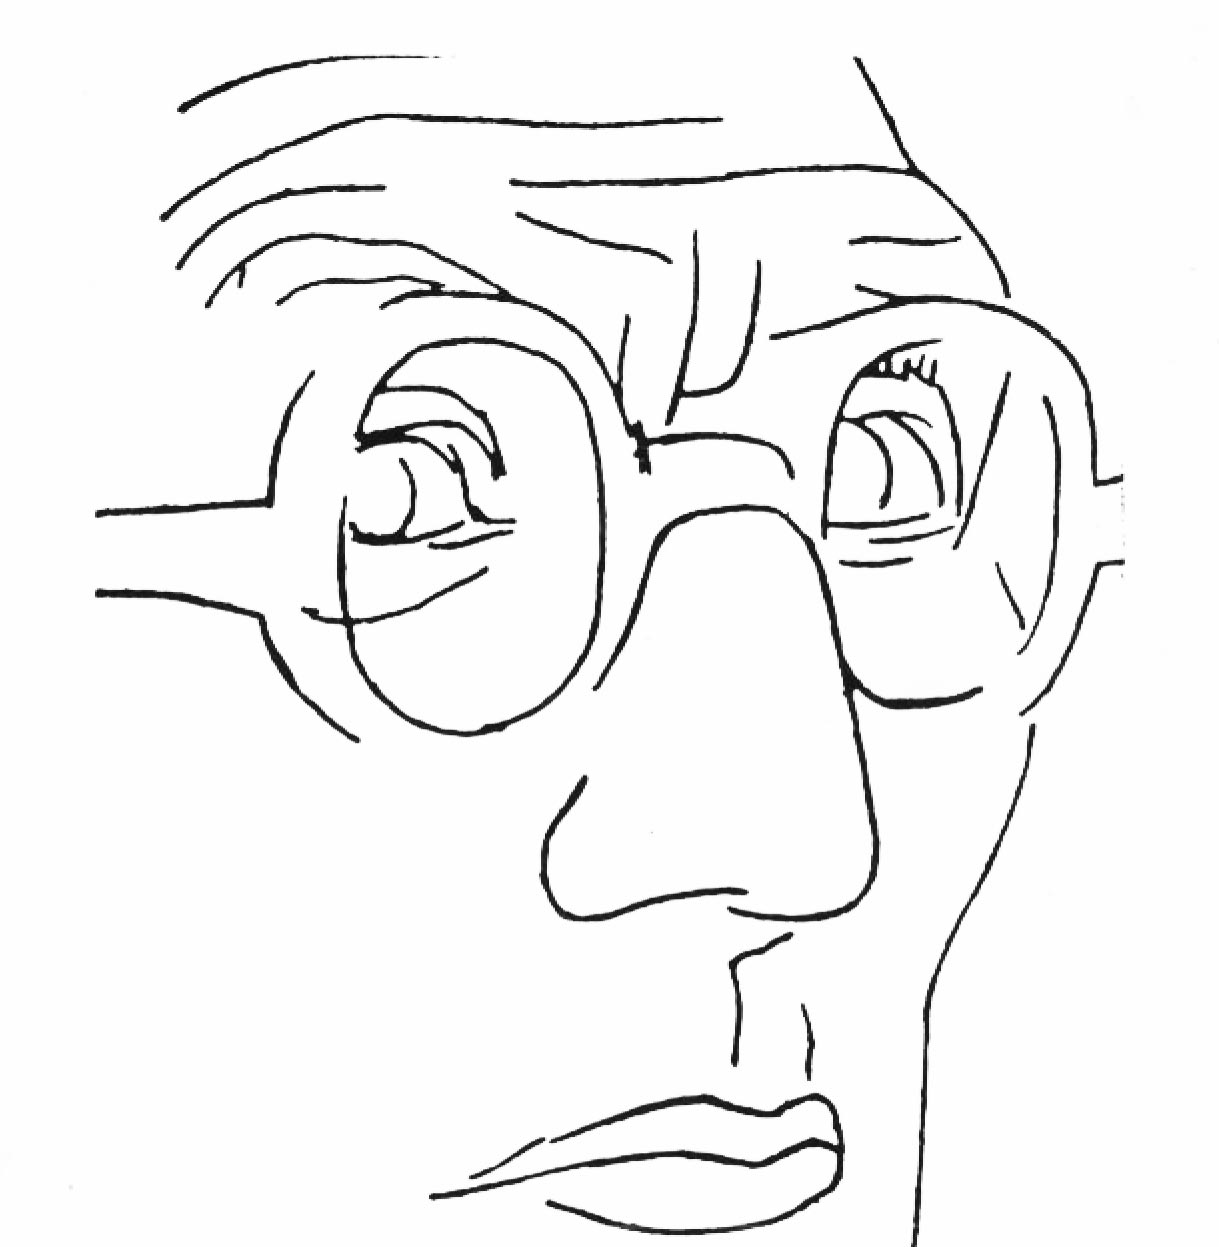 Βιβλιοκριτική «Συζήτηση με Φοιτητές Αρχιτεκτονικής - Le Corbusier»